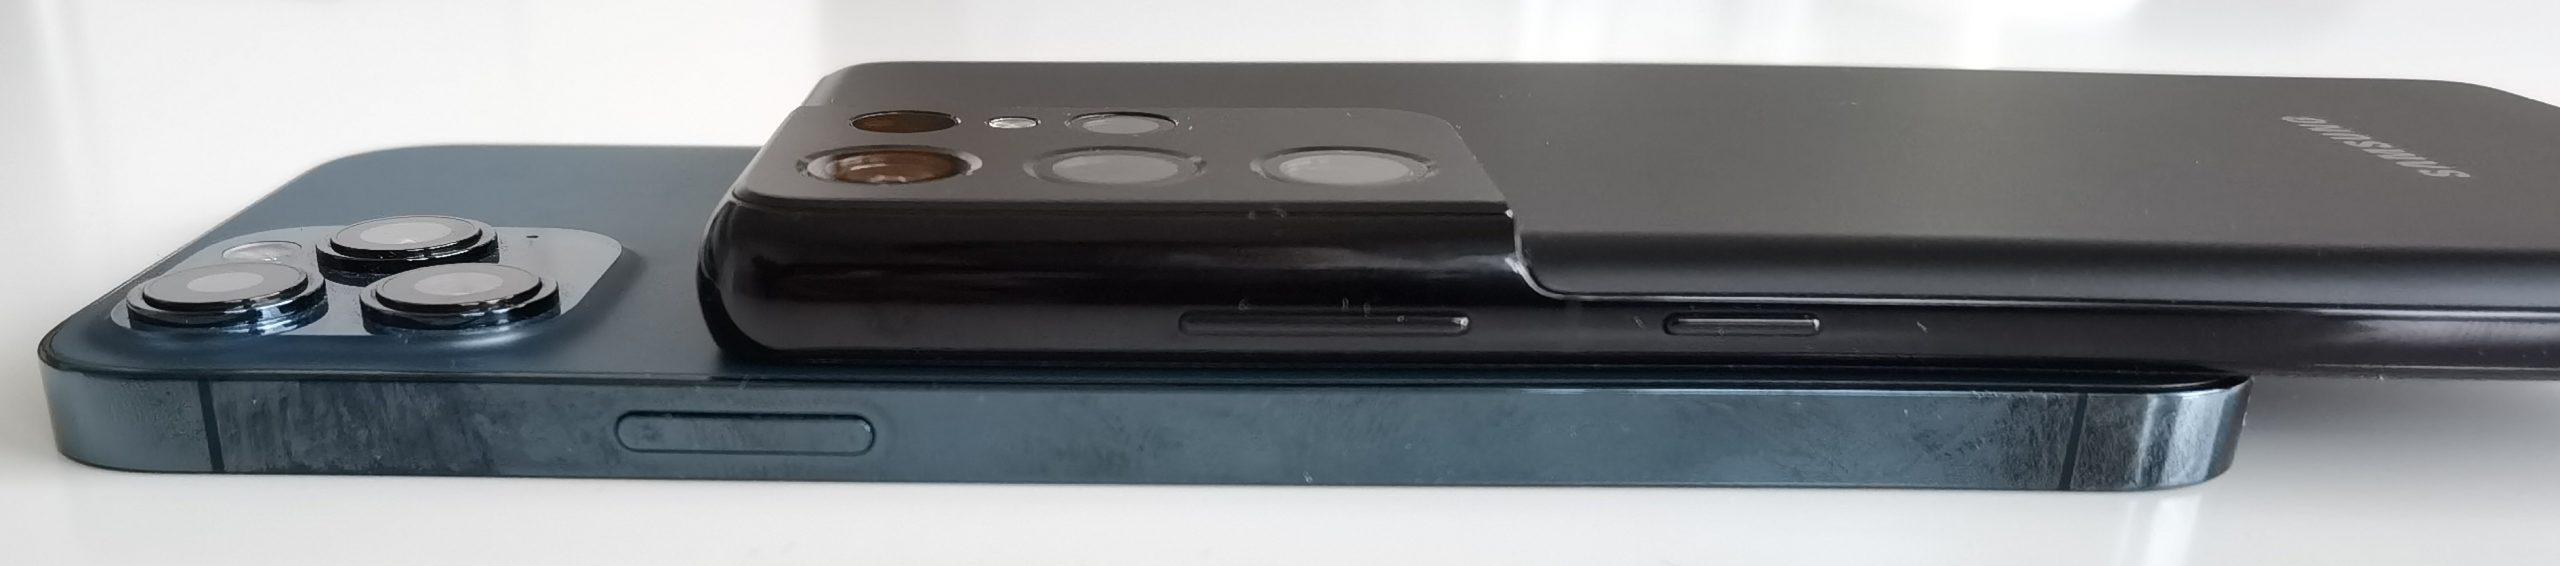 Galaxy S21 Ultra 5G (8,9 millimetriä) on selvästi paksumpi kuin esimerkiksi iPhone 12 Pro Max (7,4 millimetriä).